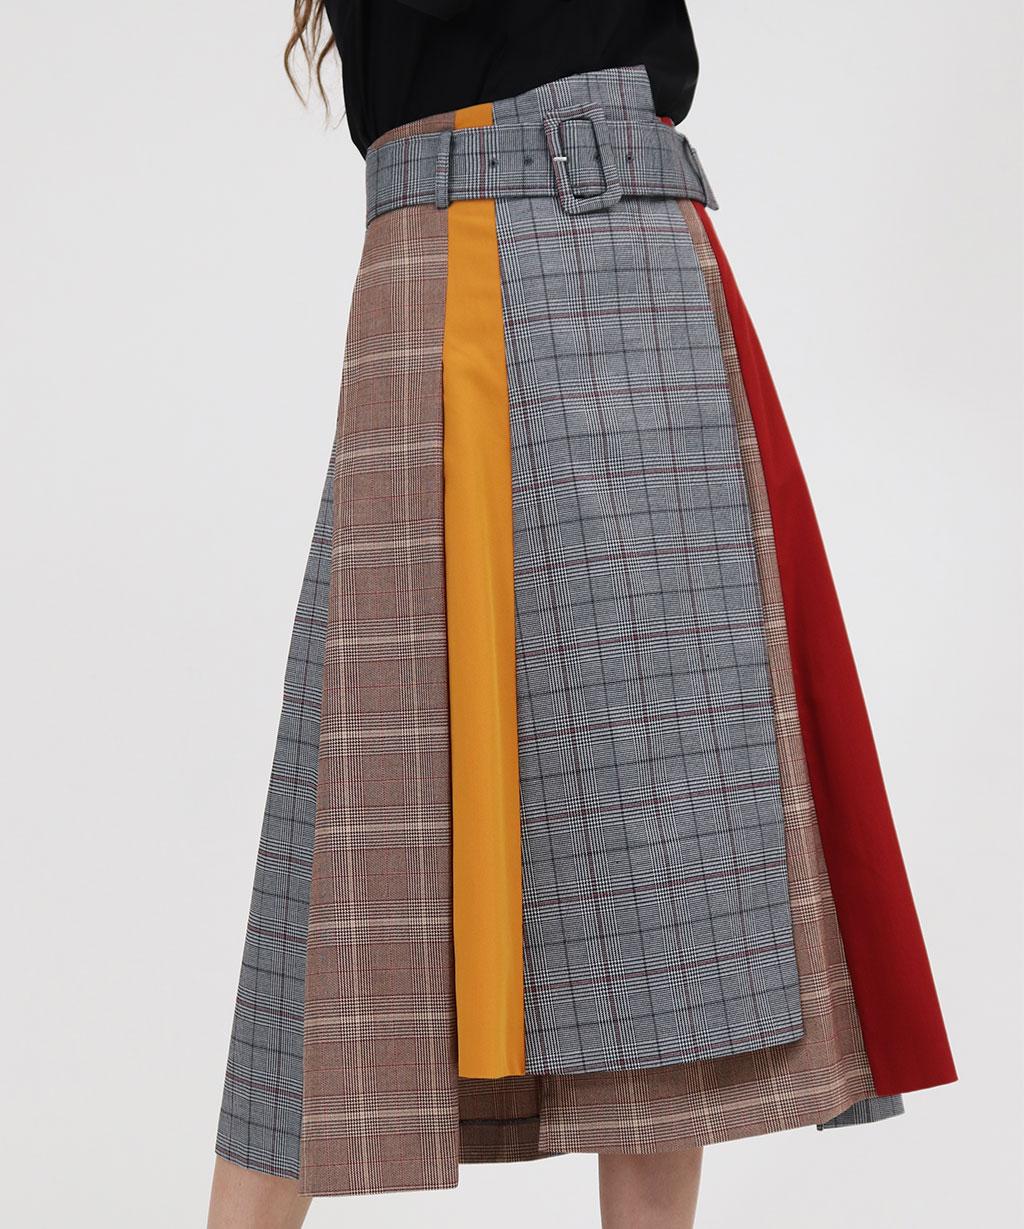 芸能人が世界一受けたい授業で着用した衣装スカート